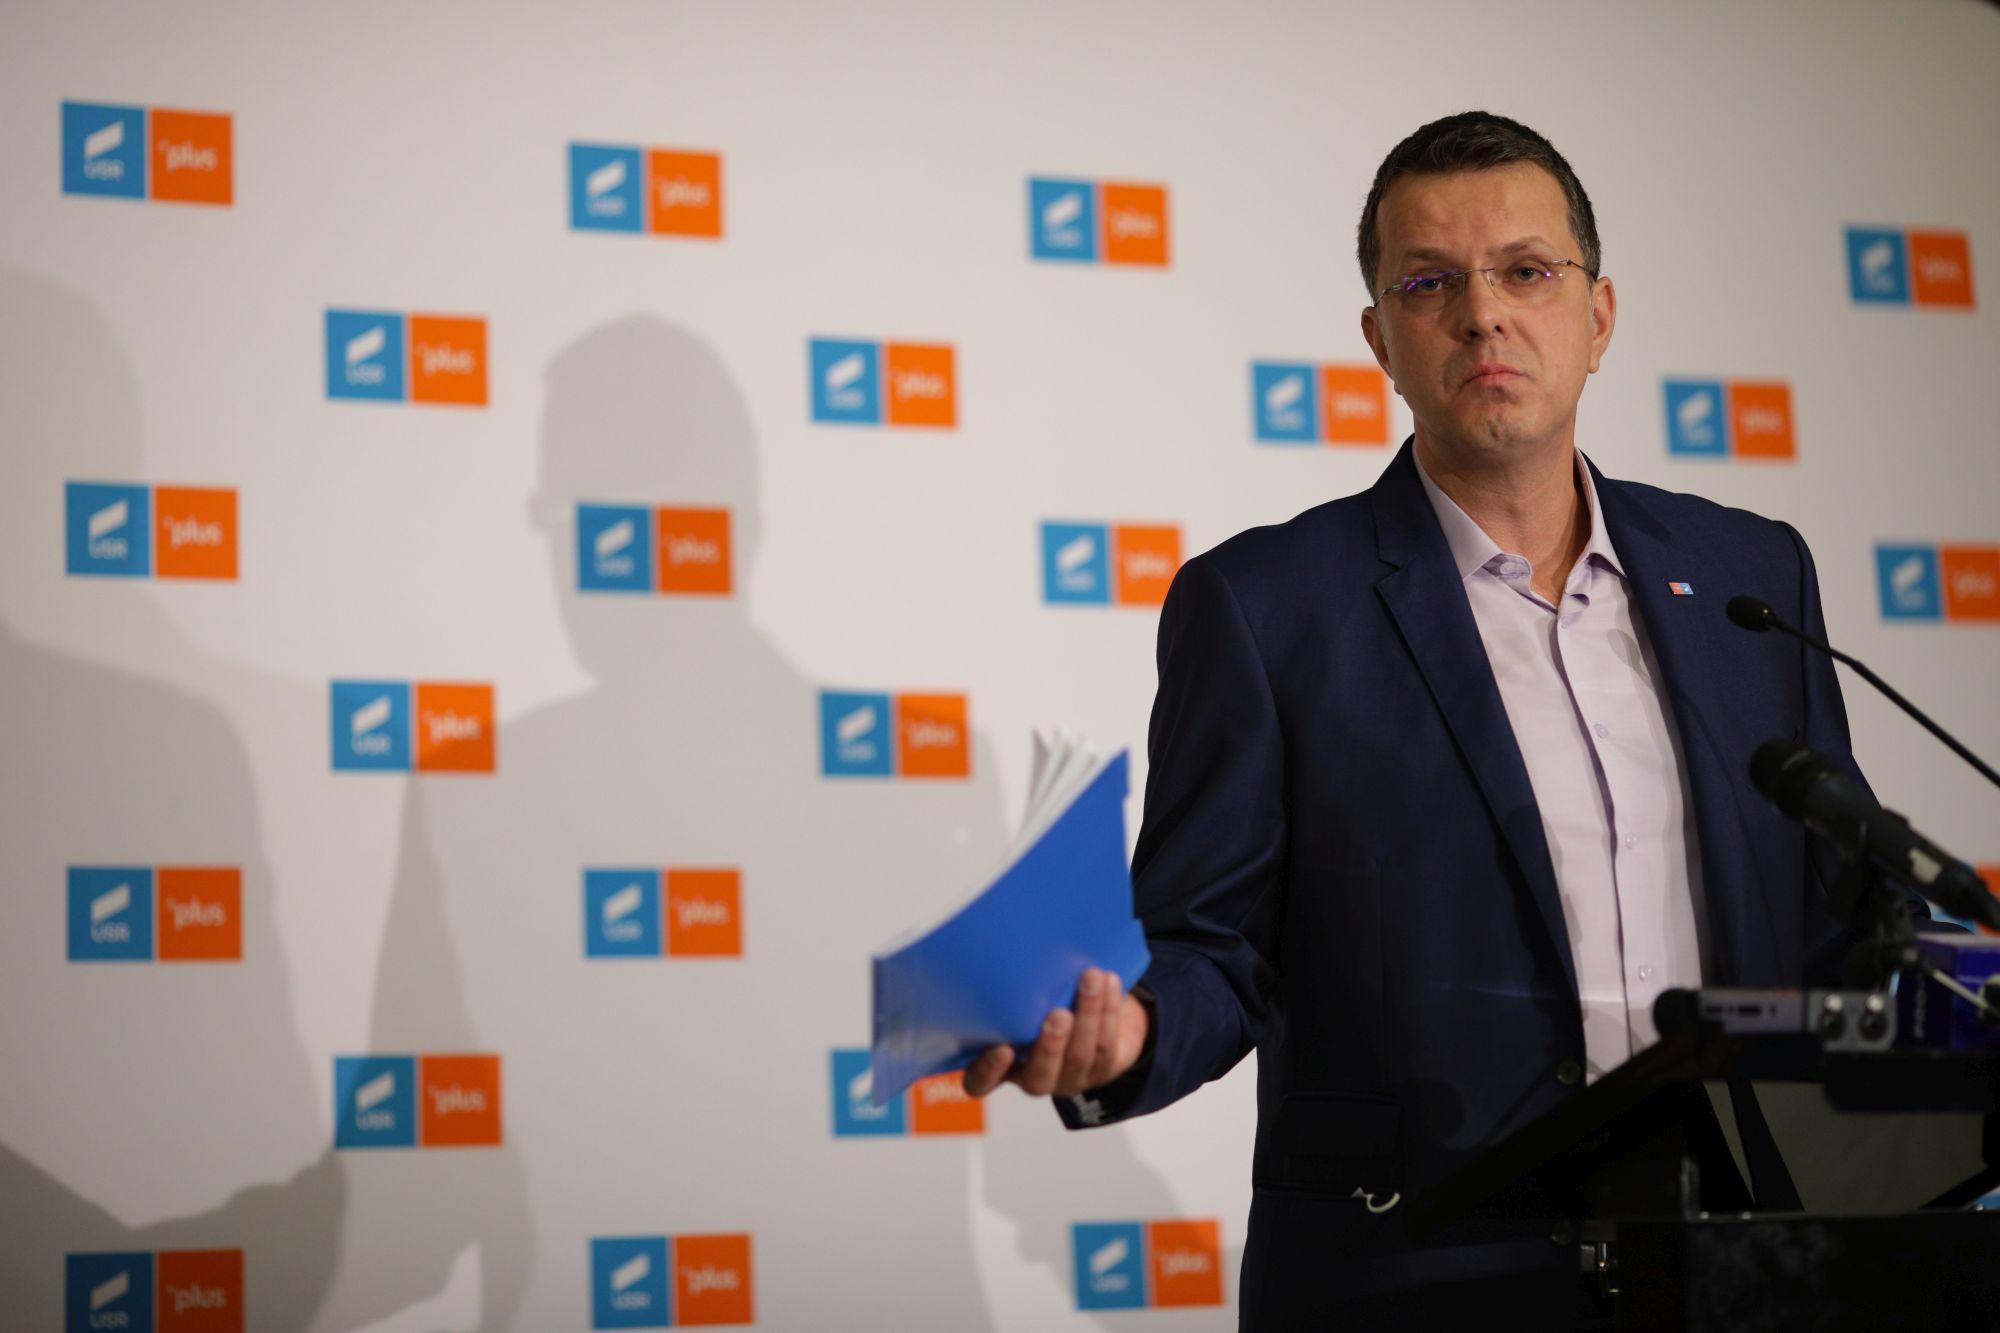 """Ionuţ Moşteanu: """"Încercări disperate de a muta discuţia de la faptul că Florin Cîţu foloseşte banii publici pentru a-şi cumpăra voturi la Congres"""""""